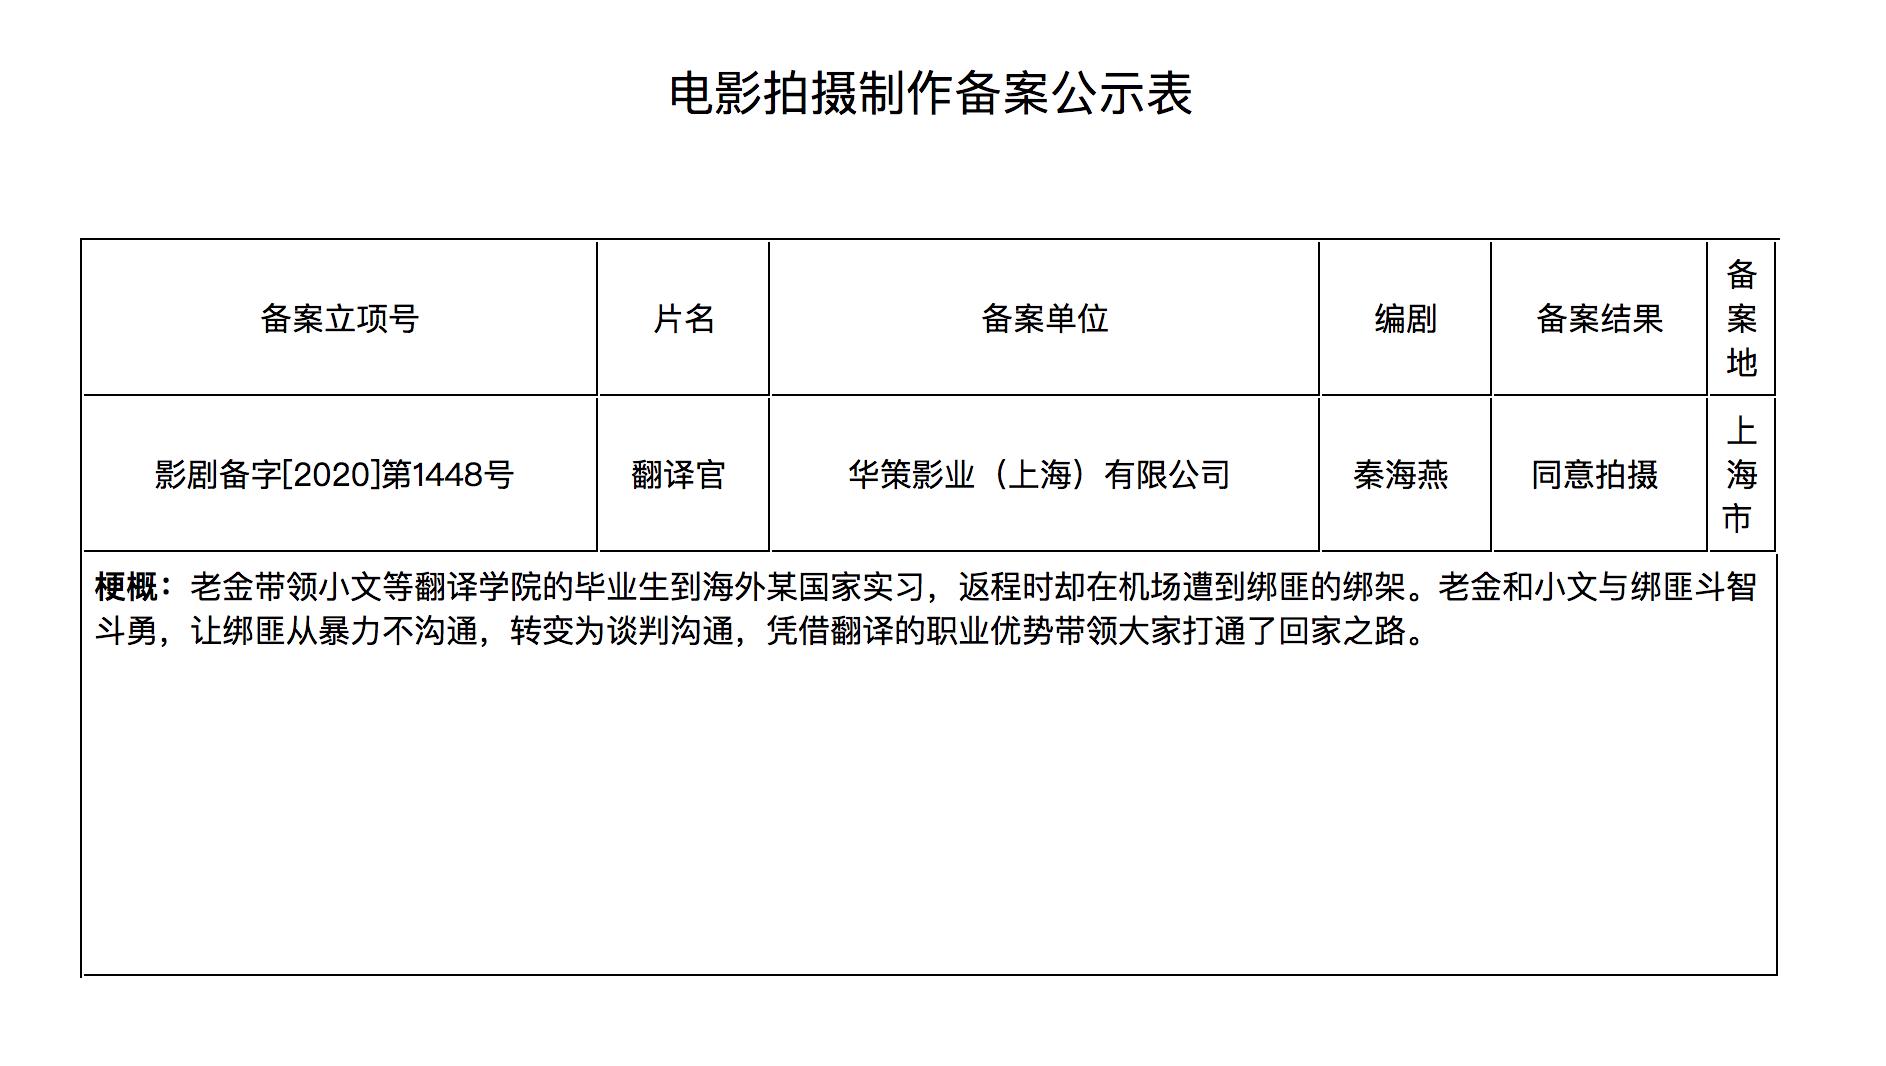 影版《翻译官》立项 杨幂黄轩曾主演剧版_娱乐频道_硬汉资源网